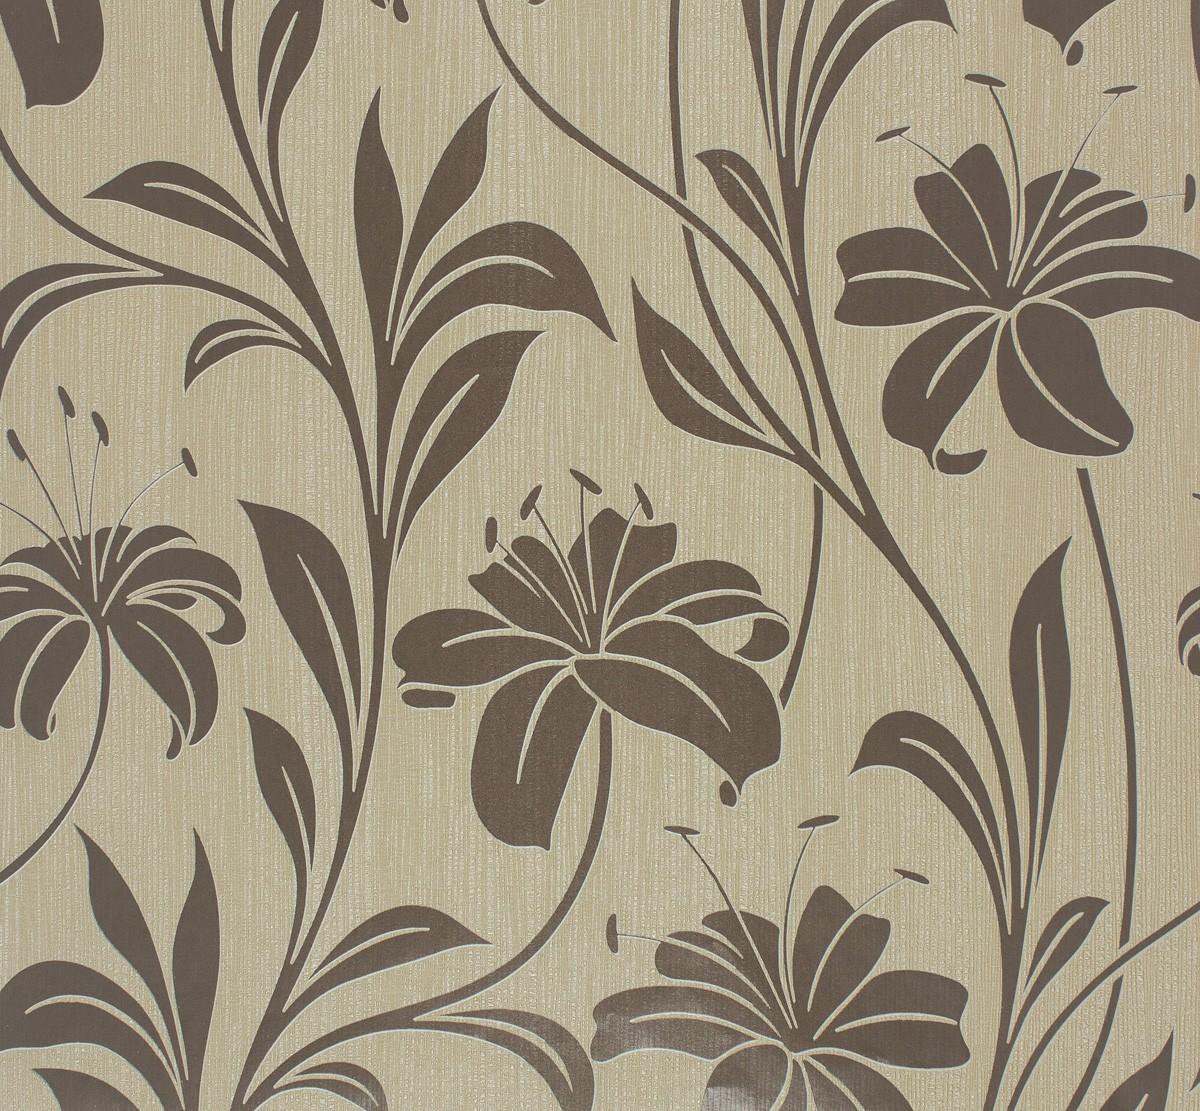 Marburg Tapeten Muster Bestellen : Vliestapete Floral beige taupe Marburg Da Milano 55119